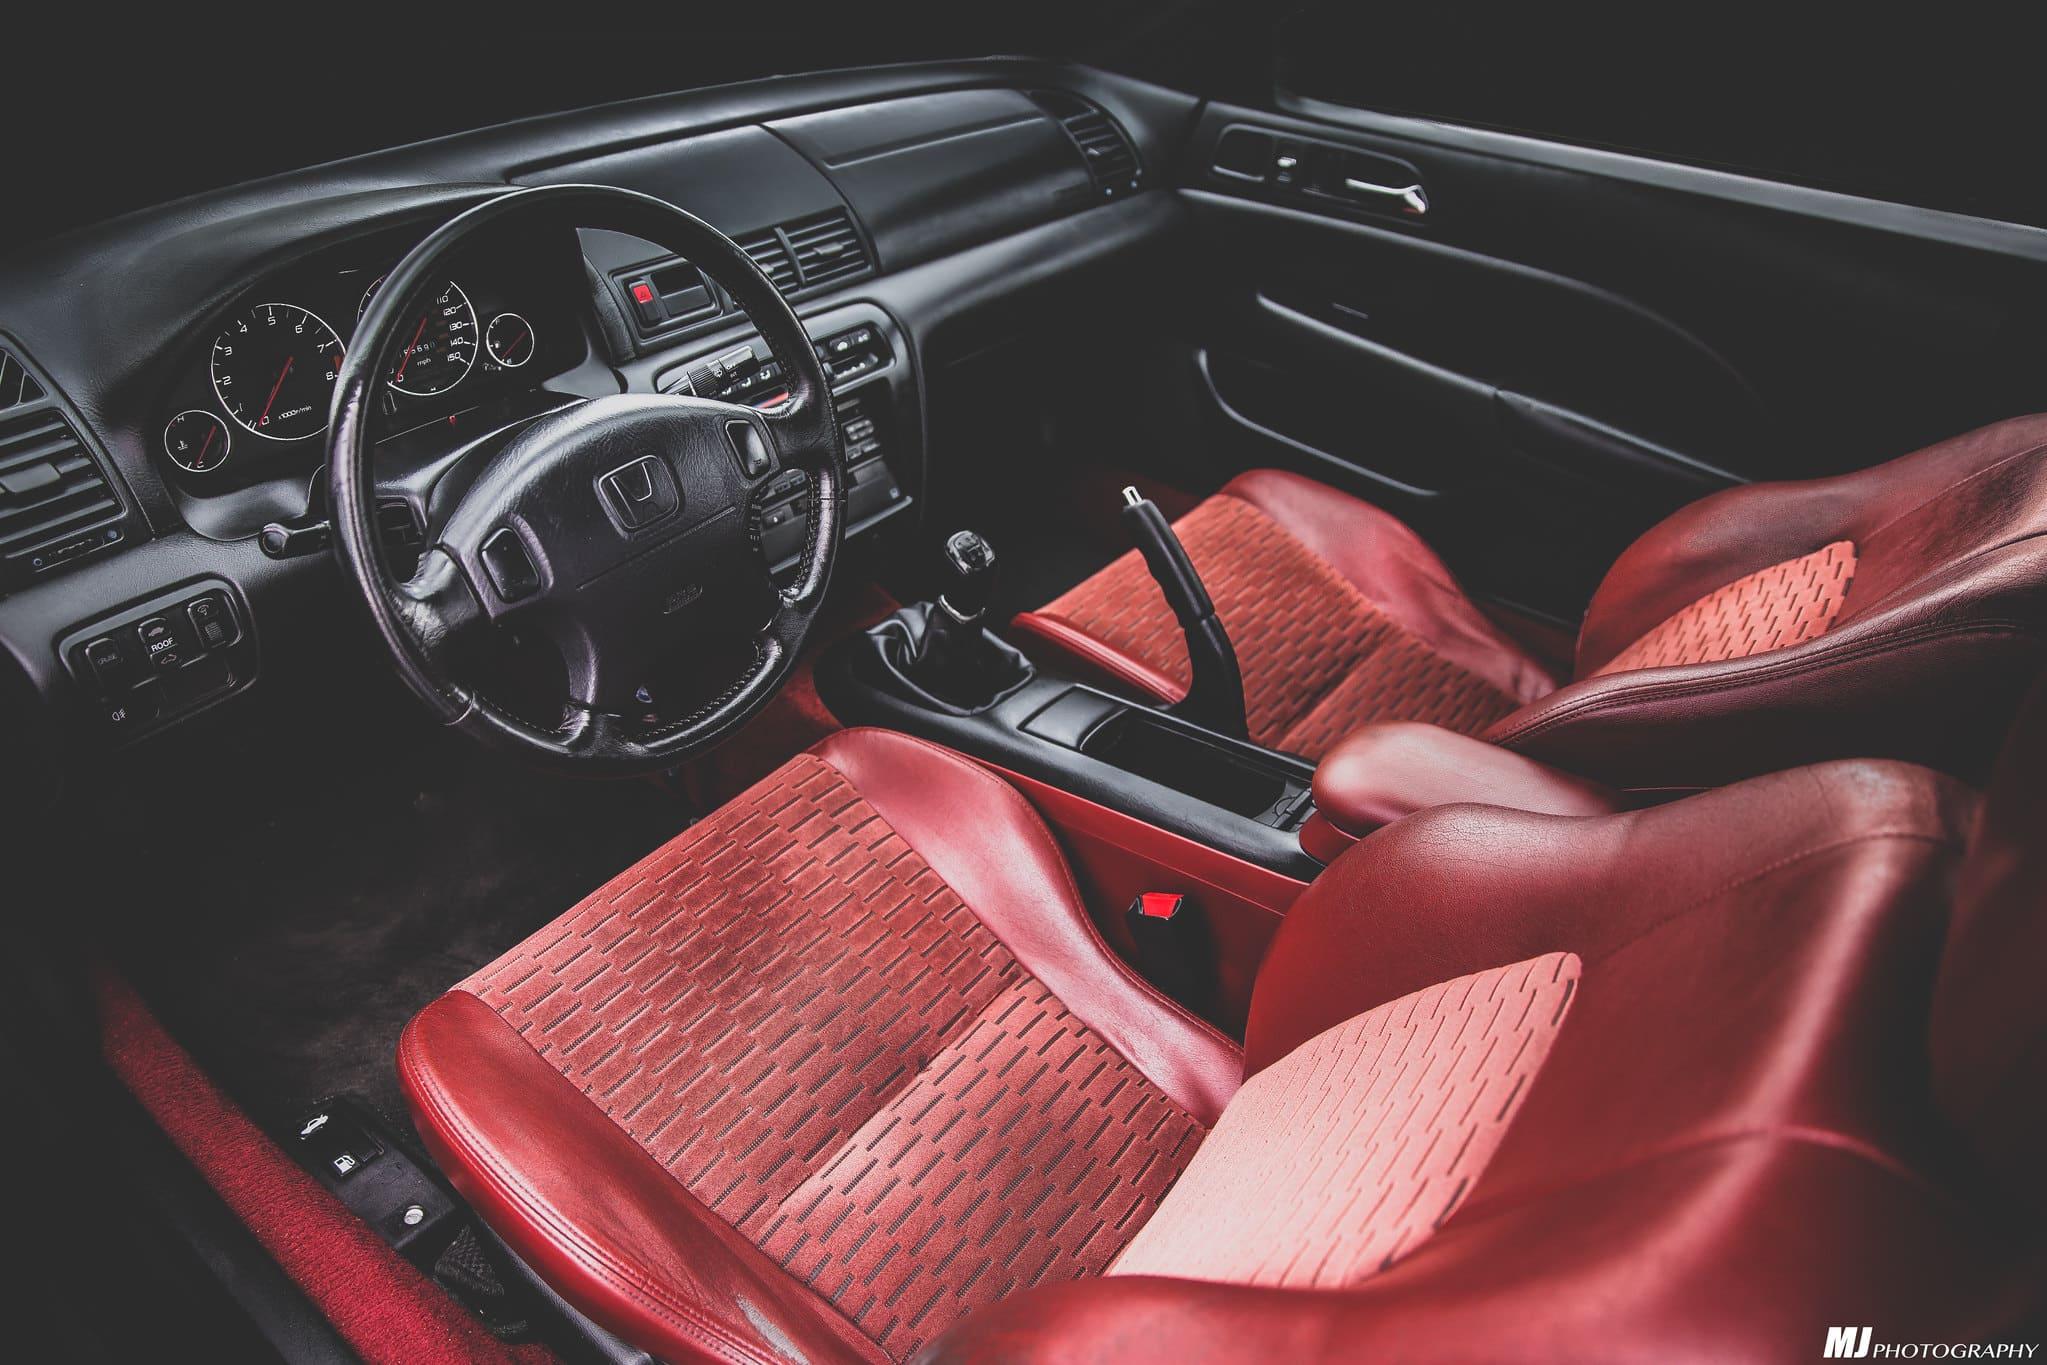 1999 Honda Prelude SH Interior